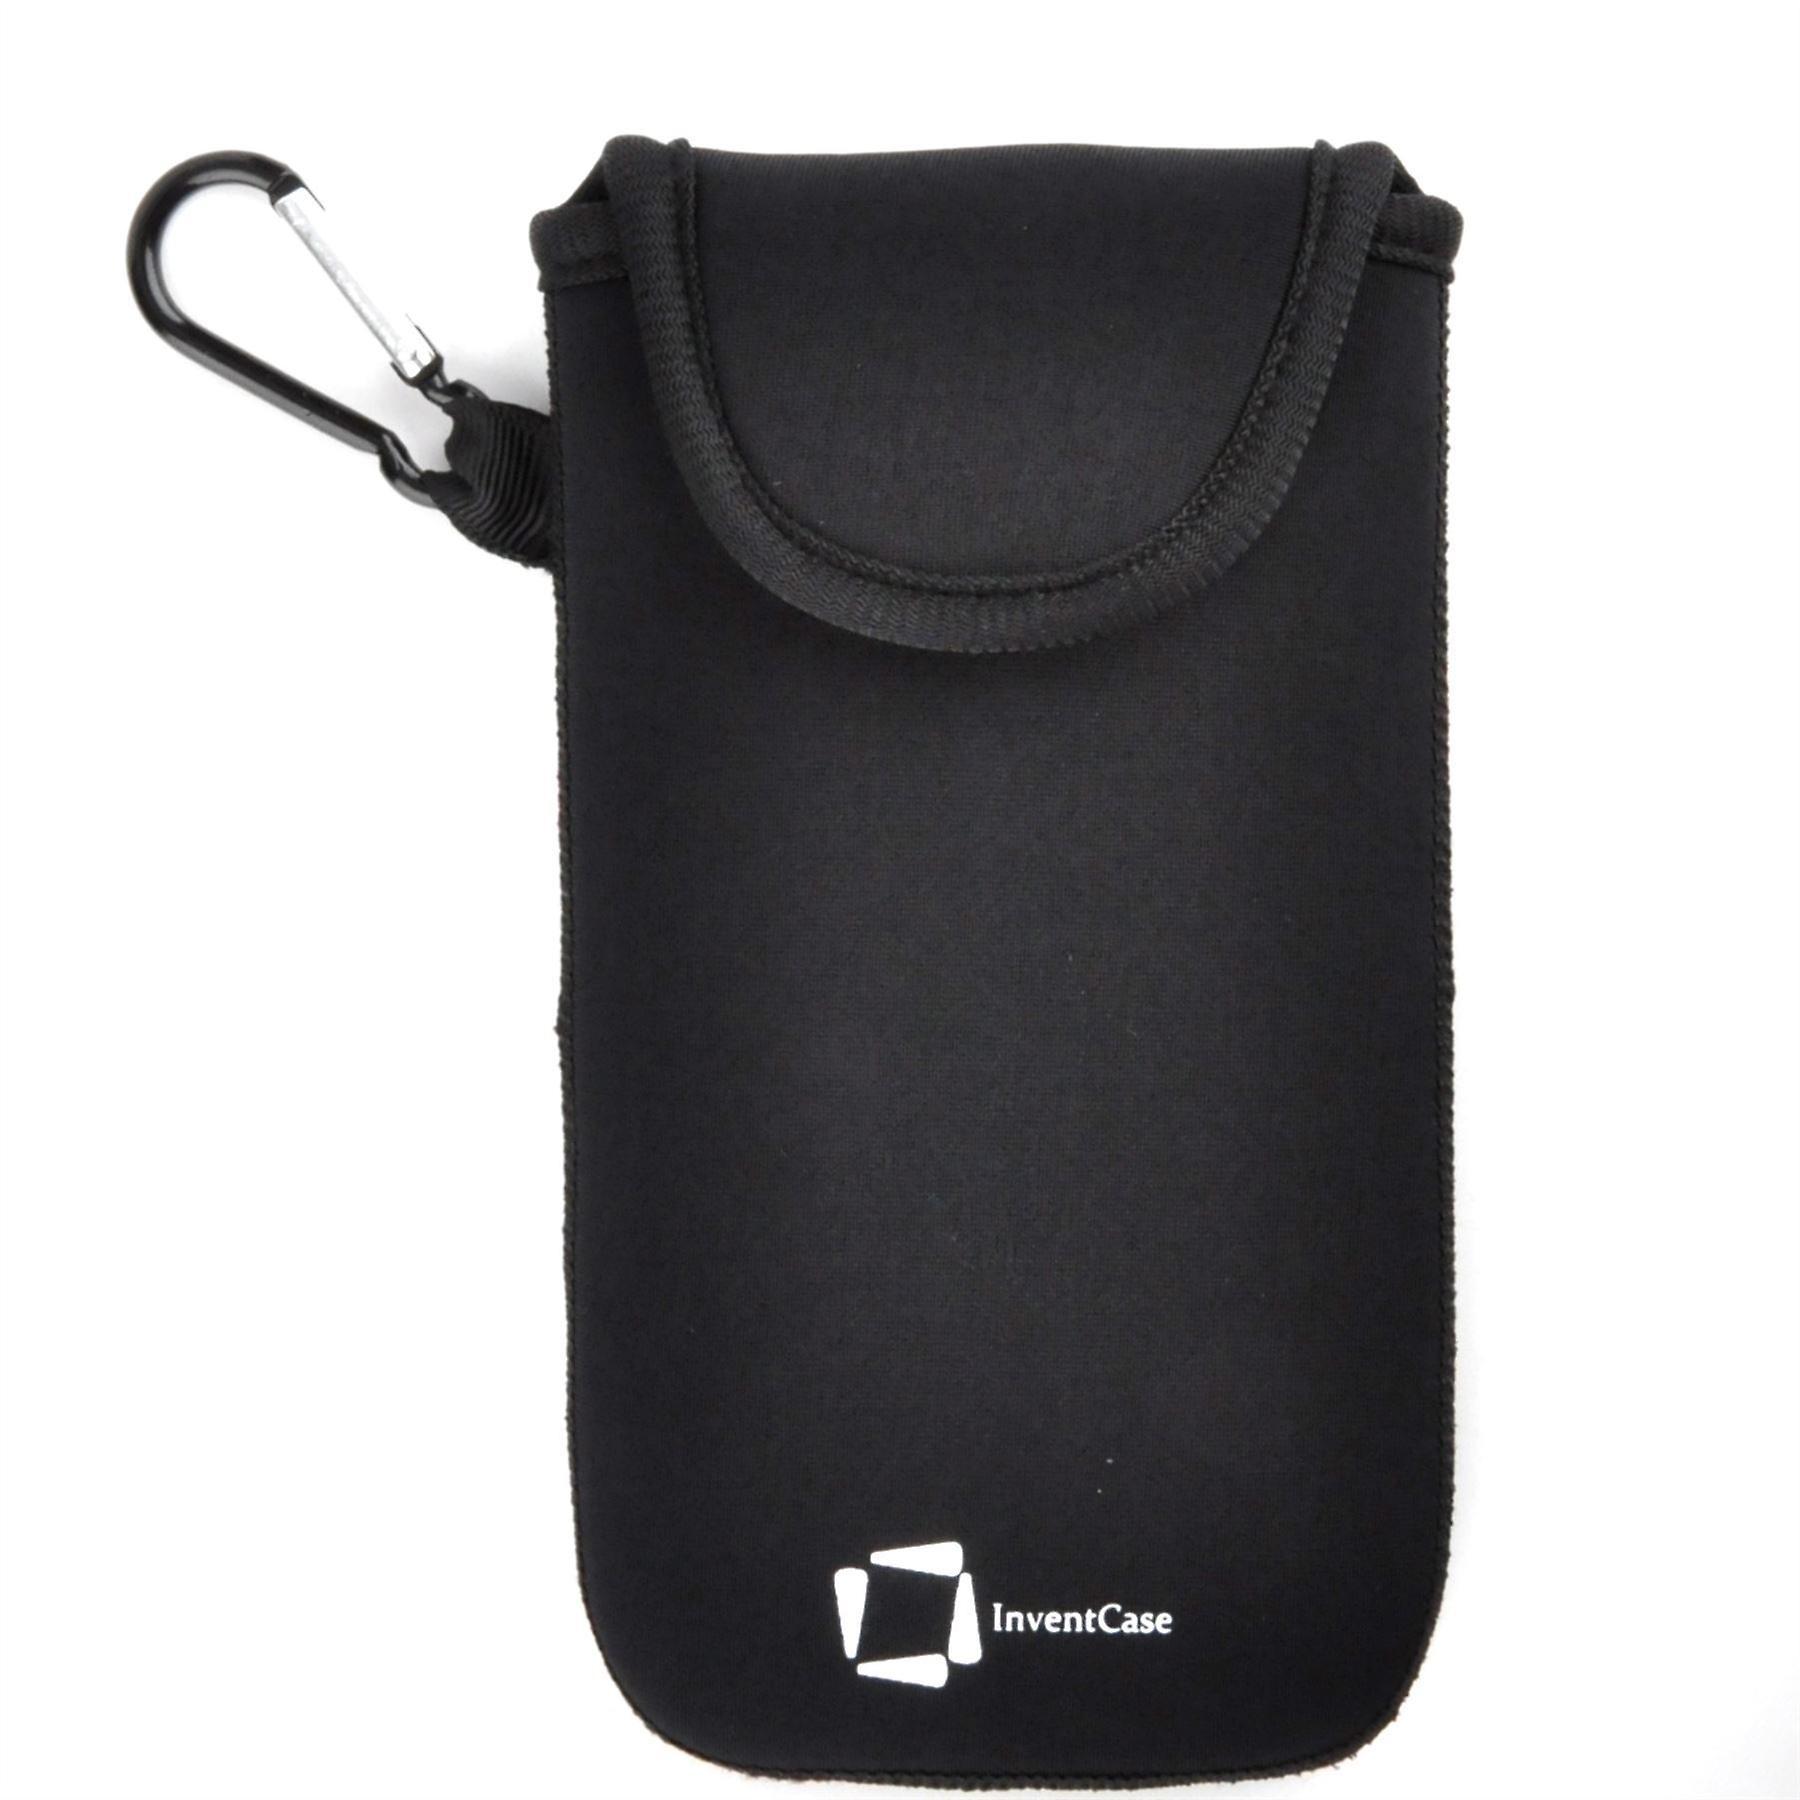 حقيبة تغطية القضية الحقيبة واقية مقاومة لتأثير النيوبرين إينفينتكاسي مع إغلاق Velcro و Carabiner الألومنيوم لرفيقه هواوي S-أسود